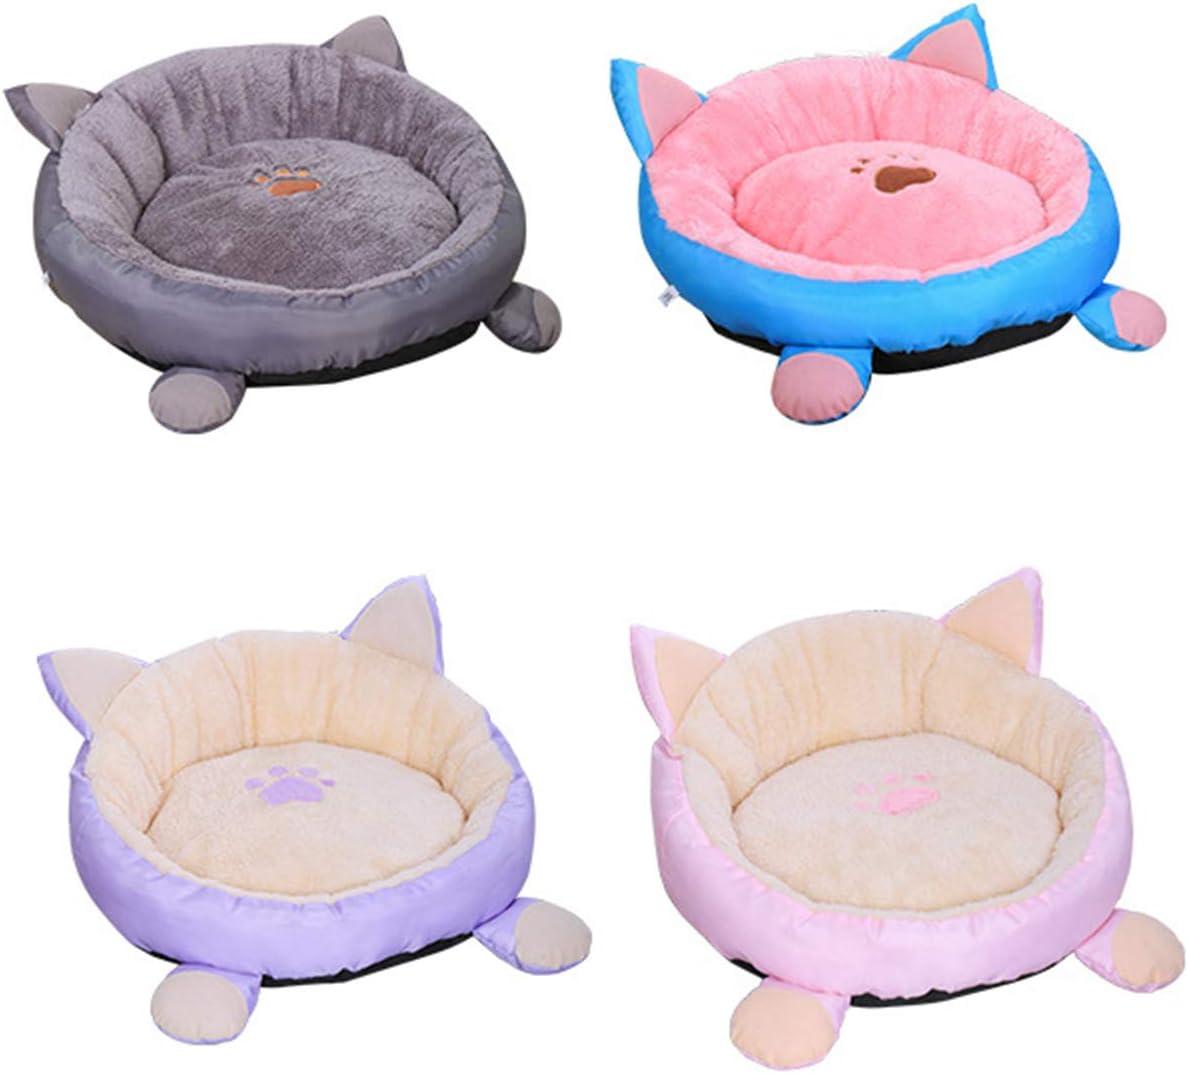 HelloCreate M, gris color gris con fondo antideslizante e impermeable a juego lavable Cama para gato y perro o gato cama cueva para mascotas y gatos redonda con coj/ín a juego